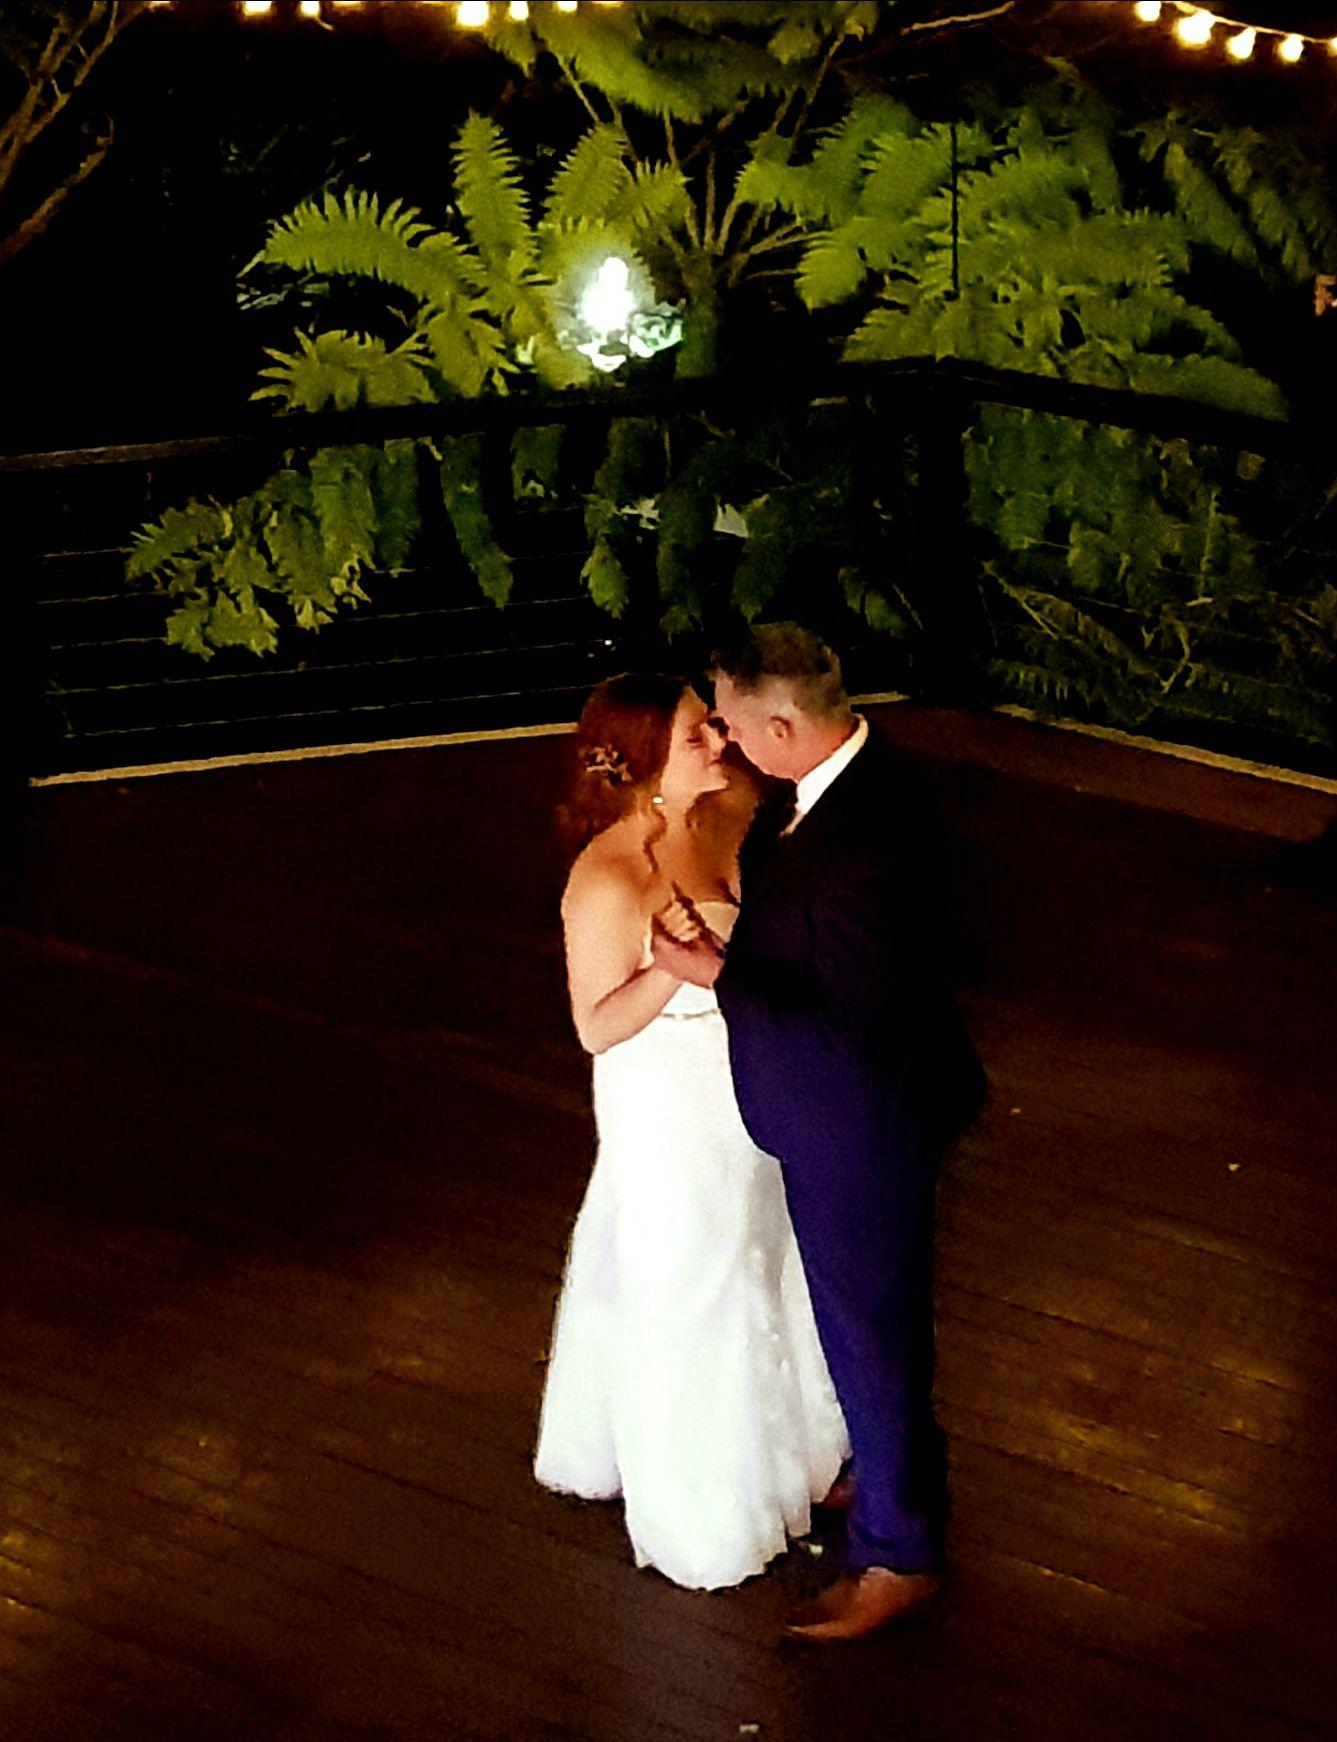 Wedding Dance, Bridal Waltz, Wedding Reception MC, Marriage Celebrant, Sydney Celebrant